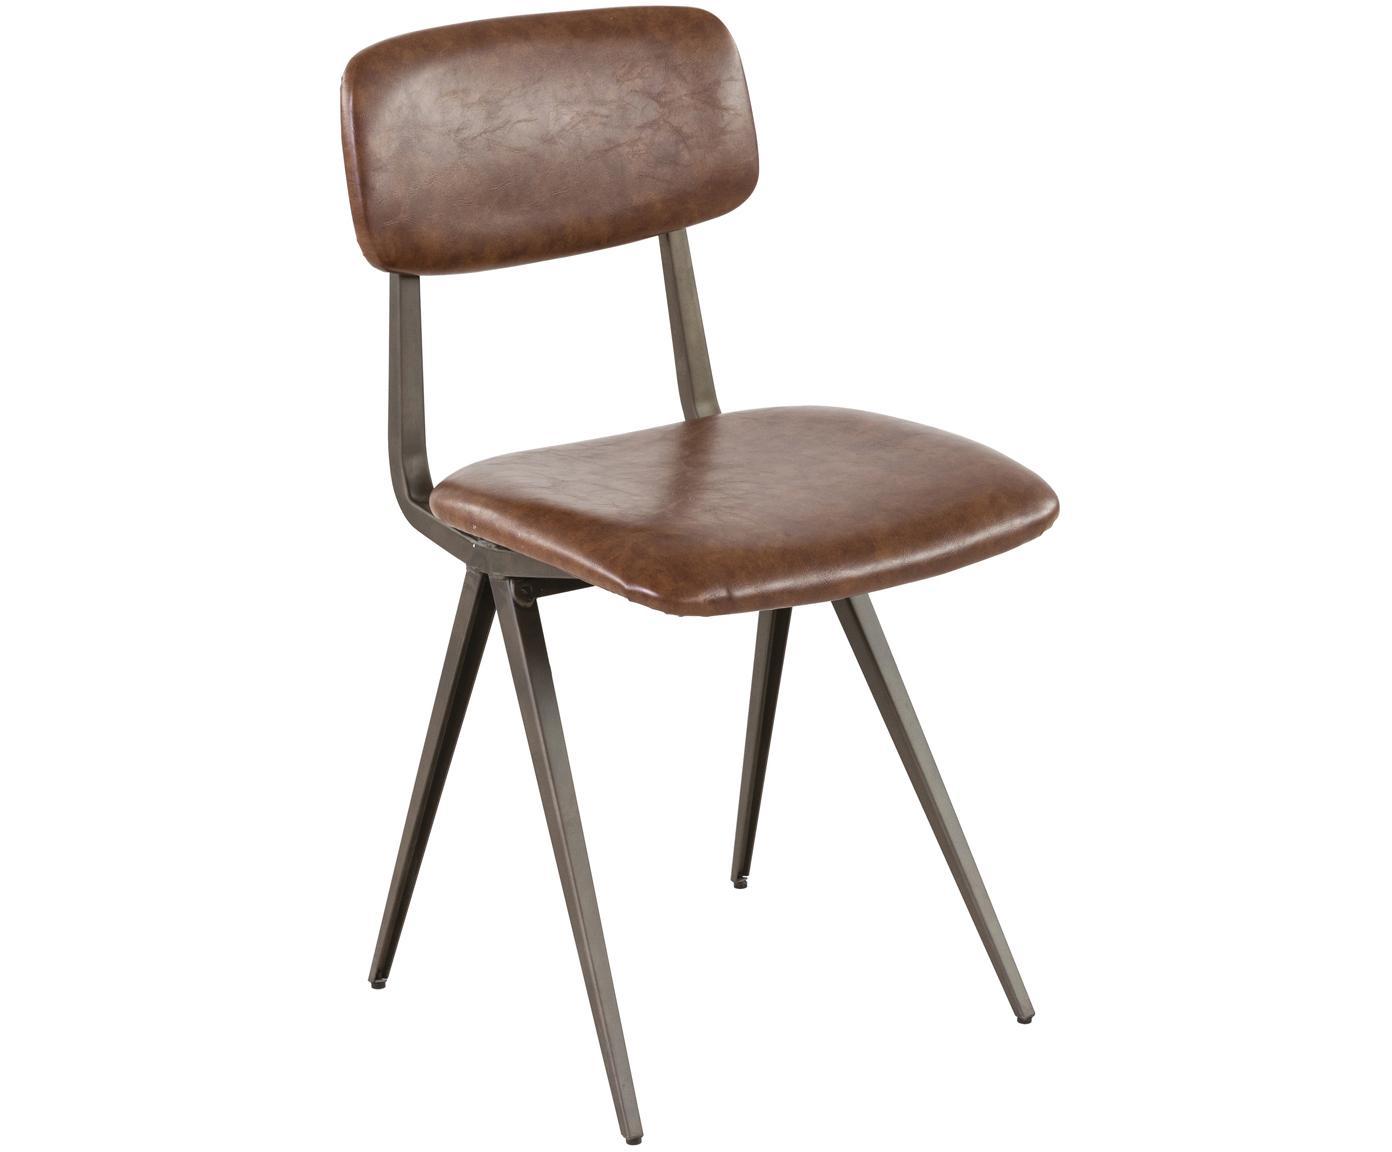 Kunstleder-Stühle Arthur, 2 Stück, Gestell: Dunkles Rohmetall, Bezug: Polyurethan (Kunstleder), Braun, B 42 x T 44 cm